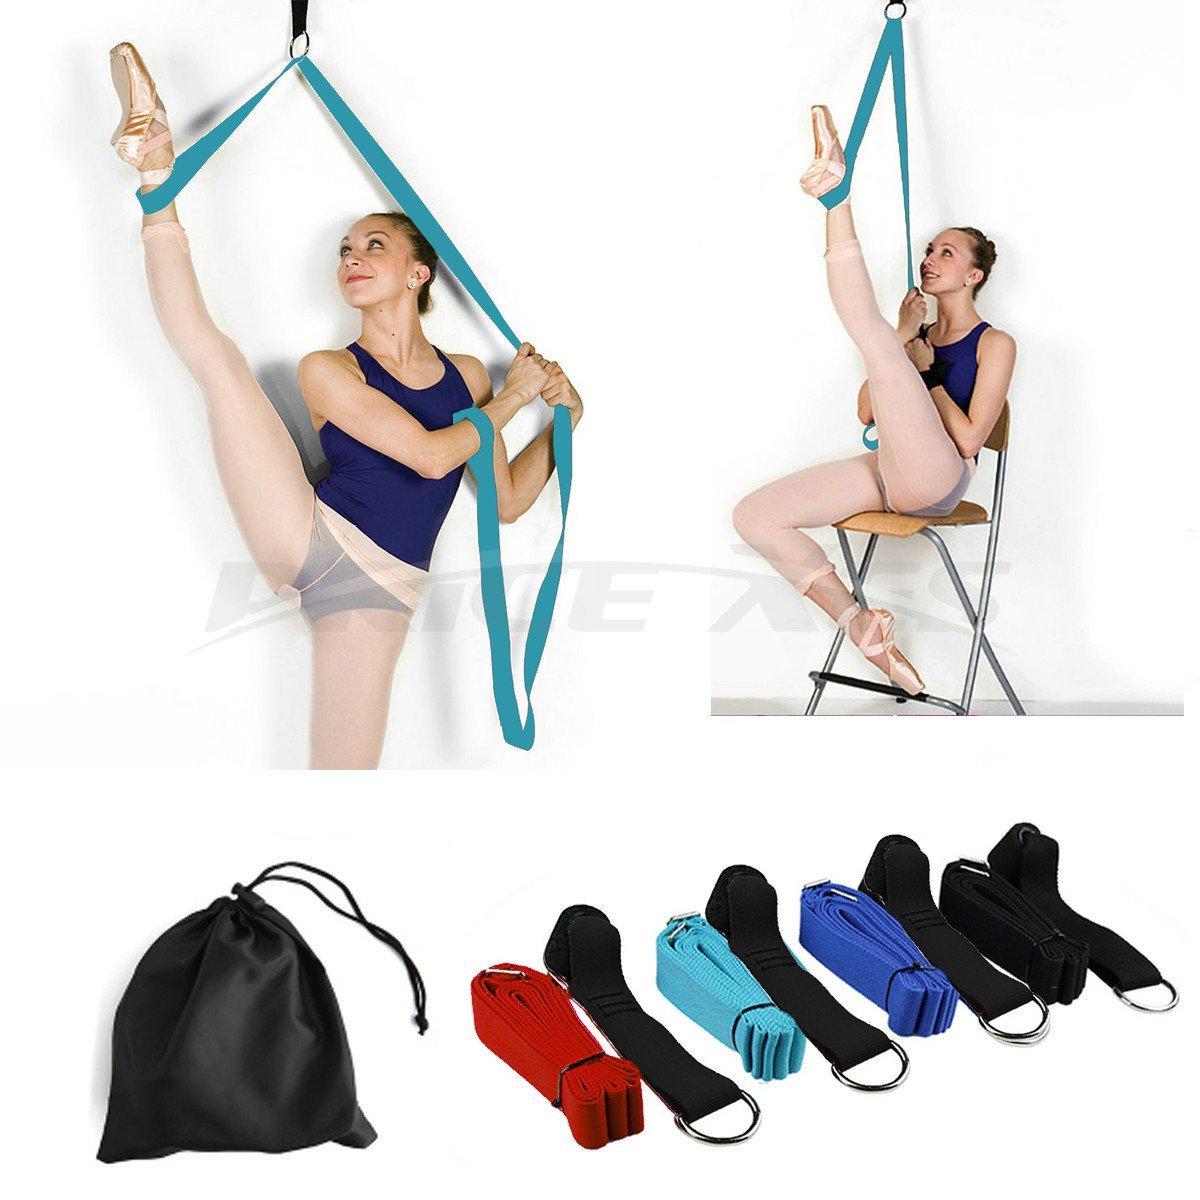 Flexibilidad de puerta y estiramiento pierna correa–gran alegría Danza de ballet para gimnasia o cualquier deporte pierna Camilla puerta flexibilidad Trainer Premium estiramientos equipo, Azul Price Xes MHNWEBSX001